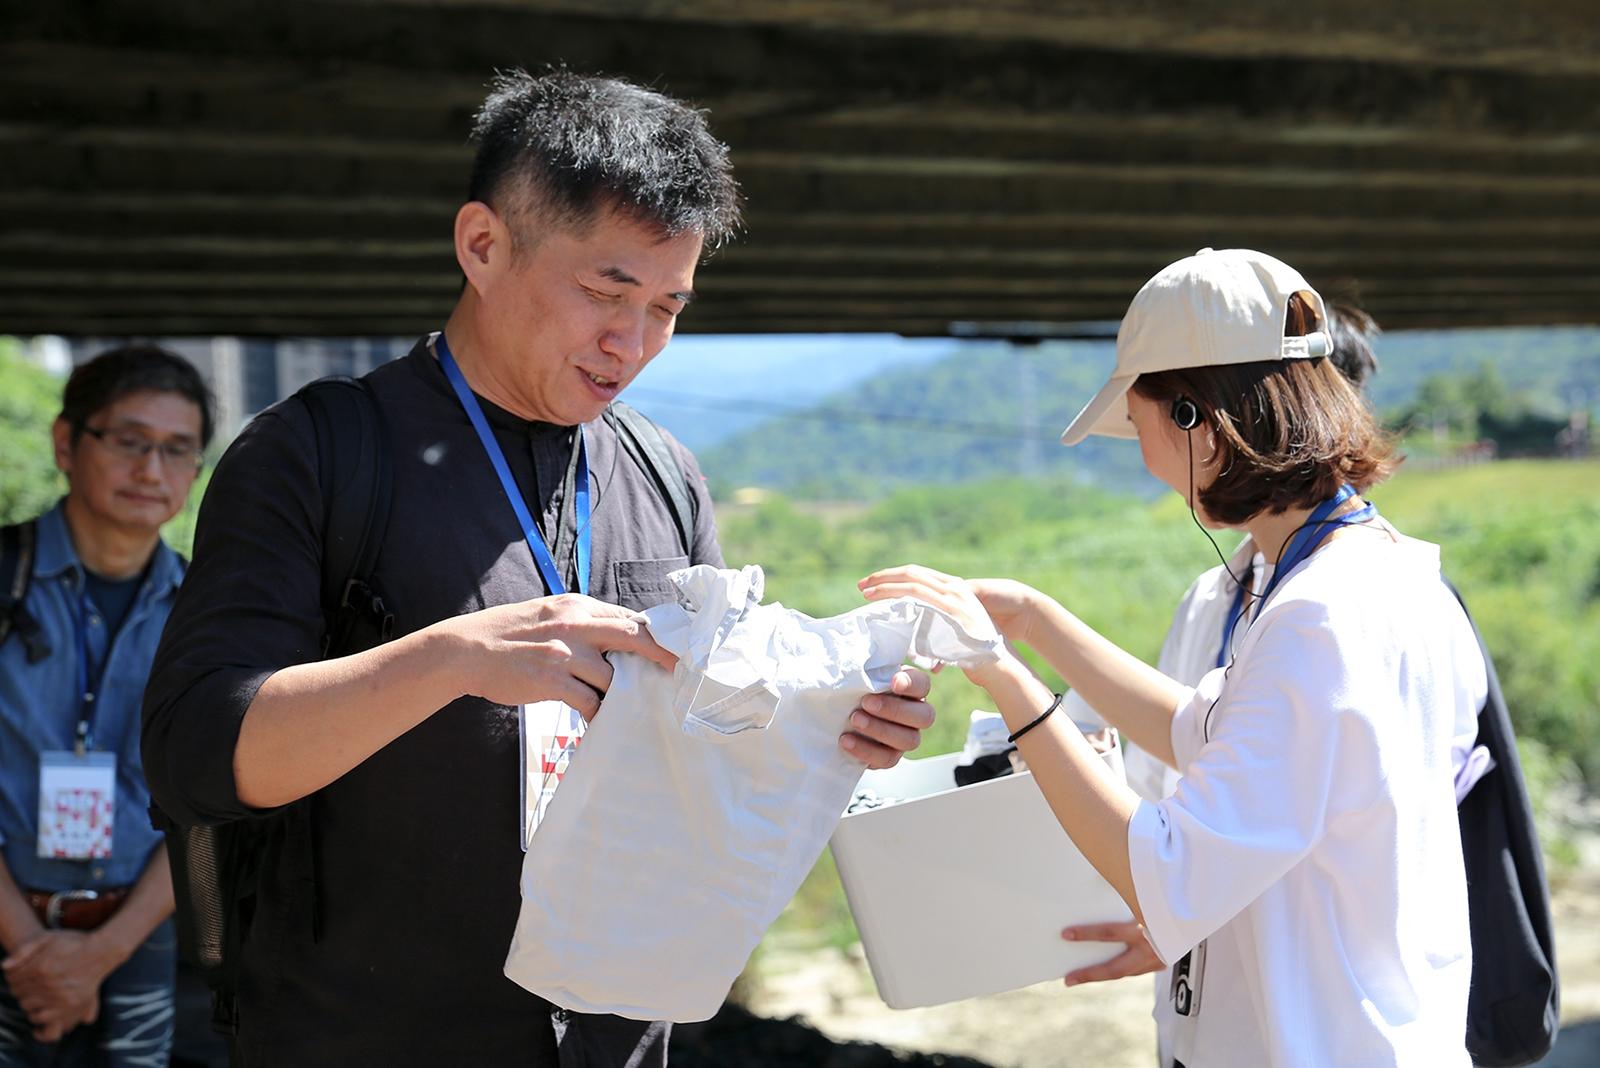 從小草書屋沿著三峽河漫步,分享長期以來甘樂持續推動的環境保護議題,從三峽河的垃圾問題而定期舉辦淨溪活動,一直到2019年我們收集許多舊衣服改造成環保提袋的「913舊衣衫循環共享提袋」,希望能將環境保護需要從自己做起的理念,期待有更多人可以一起加入我們的行列,接著走訪禾乃川國產豆製所以及合習聚落,造訪職人以了解堅持使用國產大豆的理念!  | 甘樂文創 | 甘之如飴,樂在其中